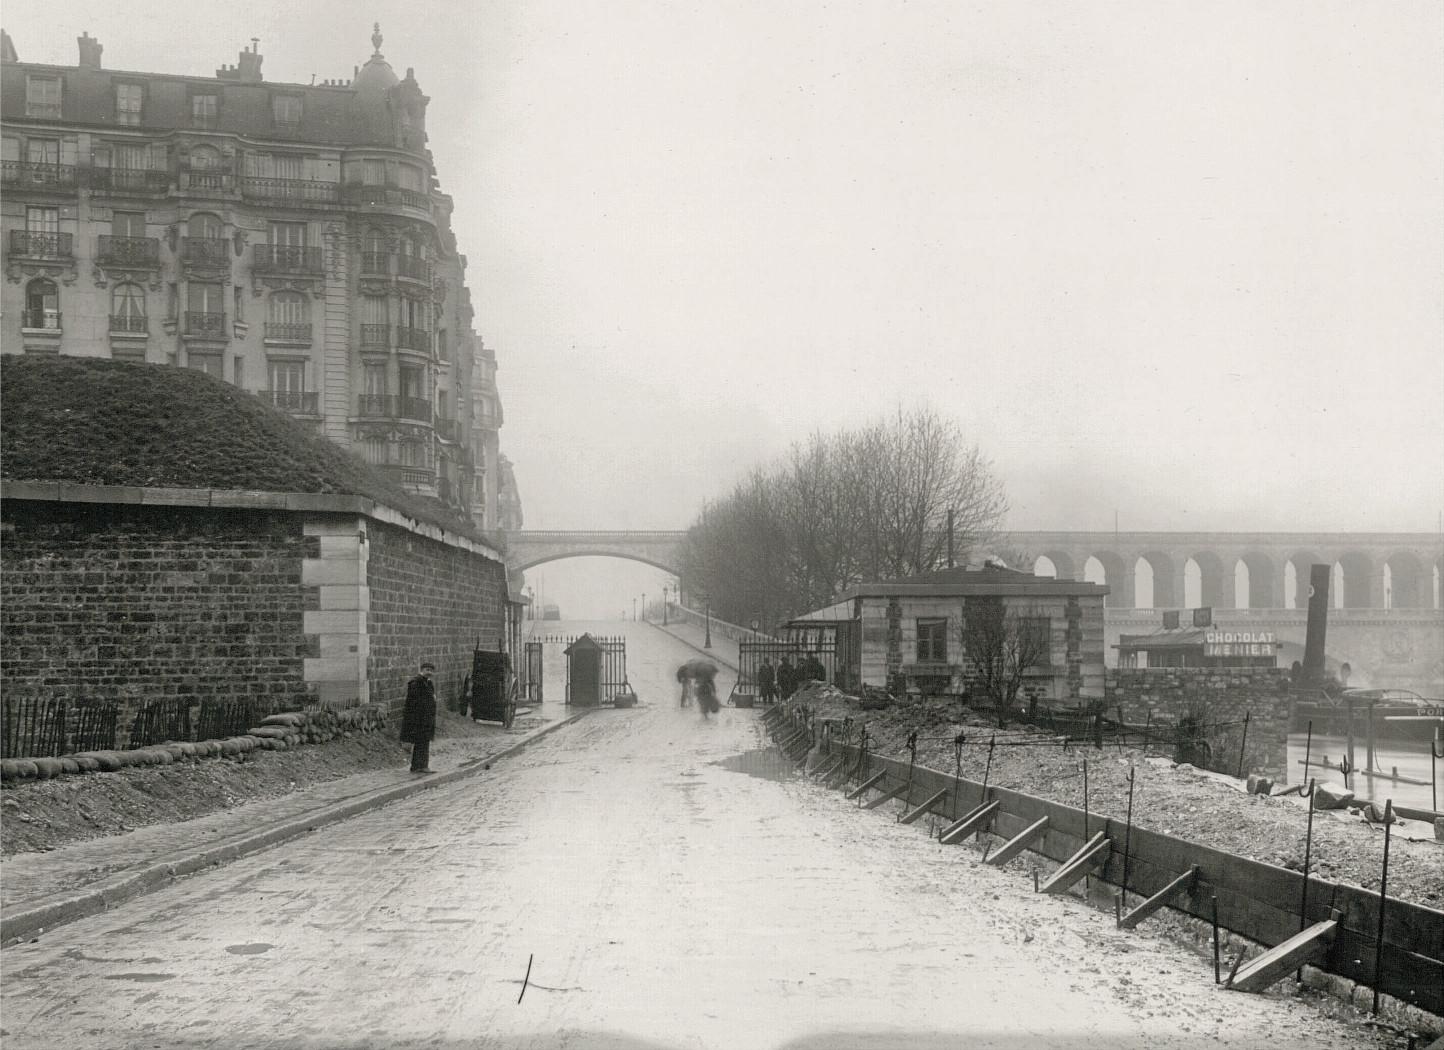 Porte de Billancourt archives numérisées de Paris